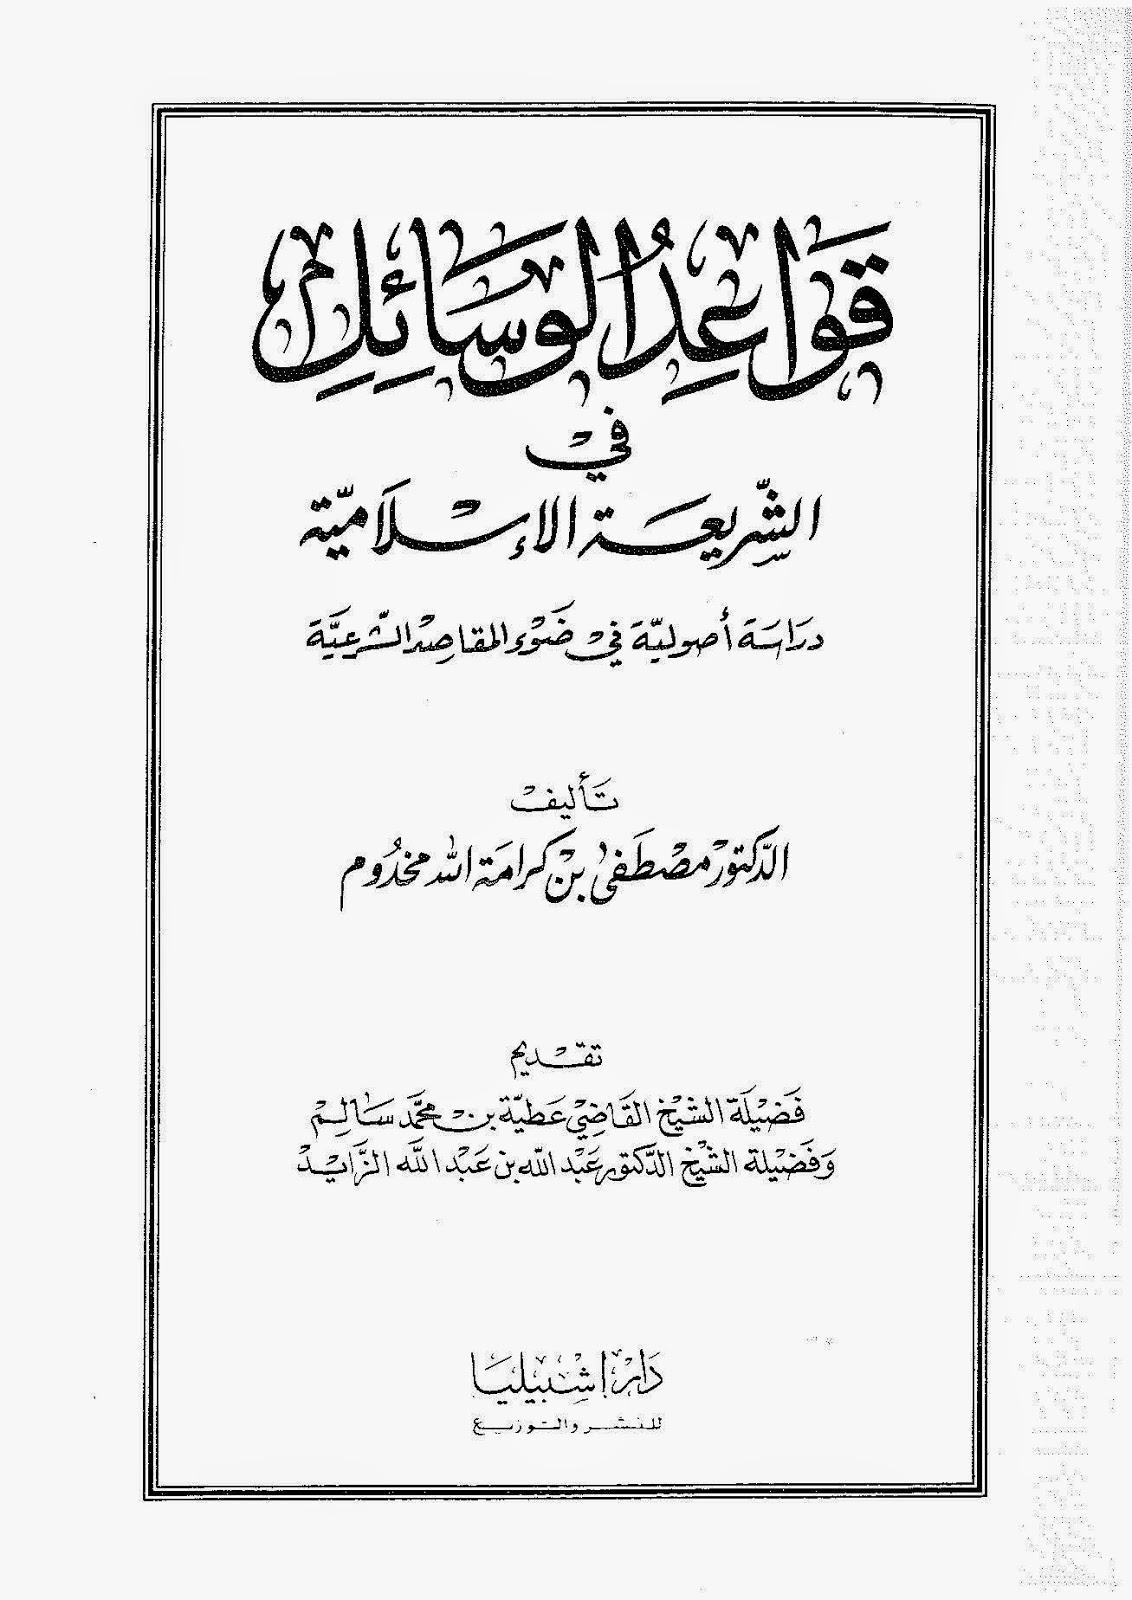 قواعد الوسائل في الشريعة الإسلامية لـ مصطفى مخدوم